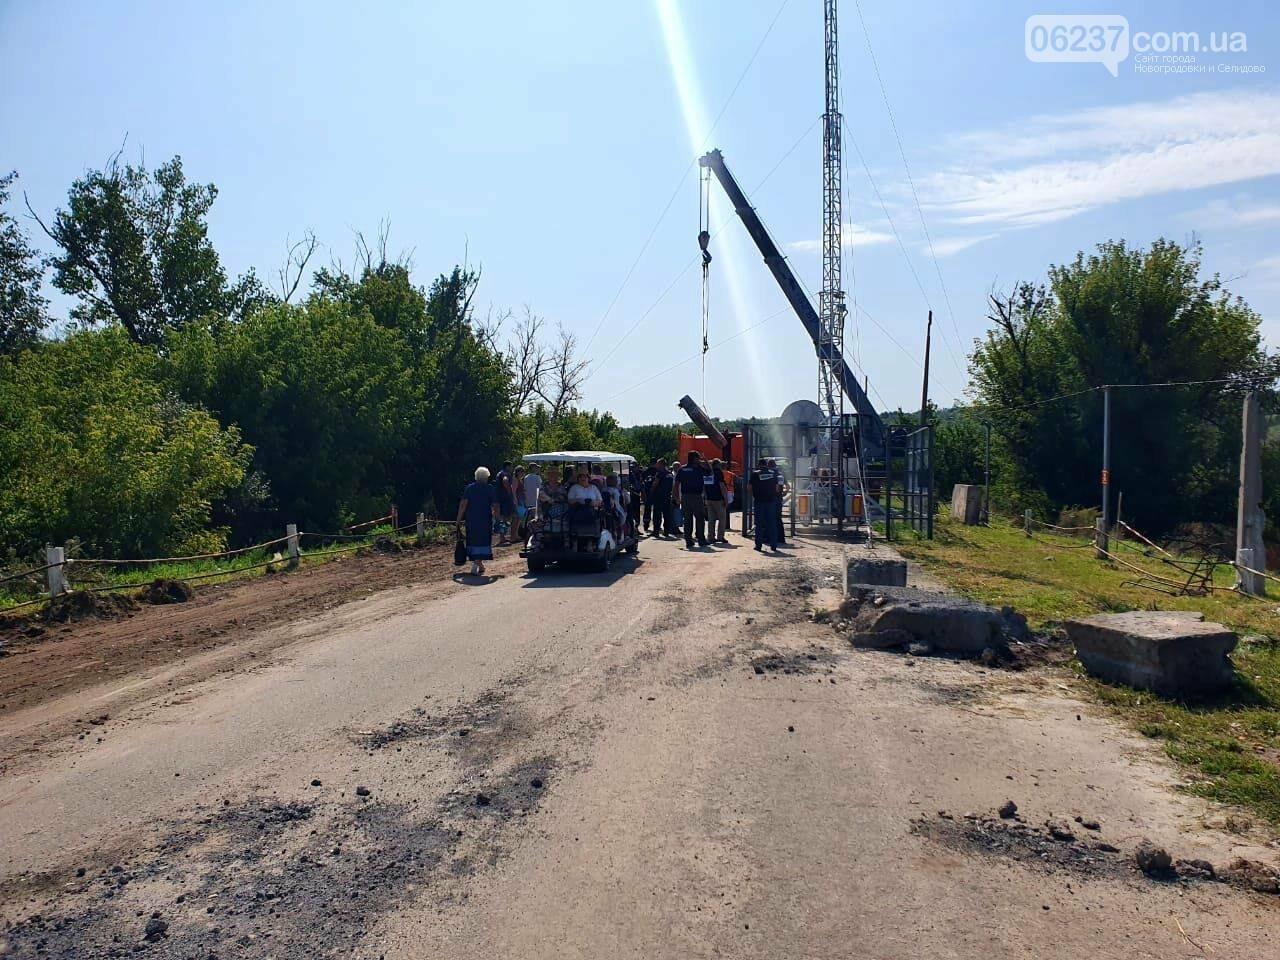 В Станице Луганской начался демонтаж укреплений возле разрушенного моста, фото-1